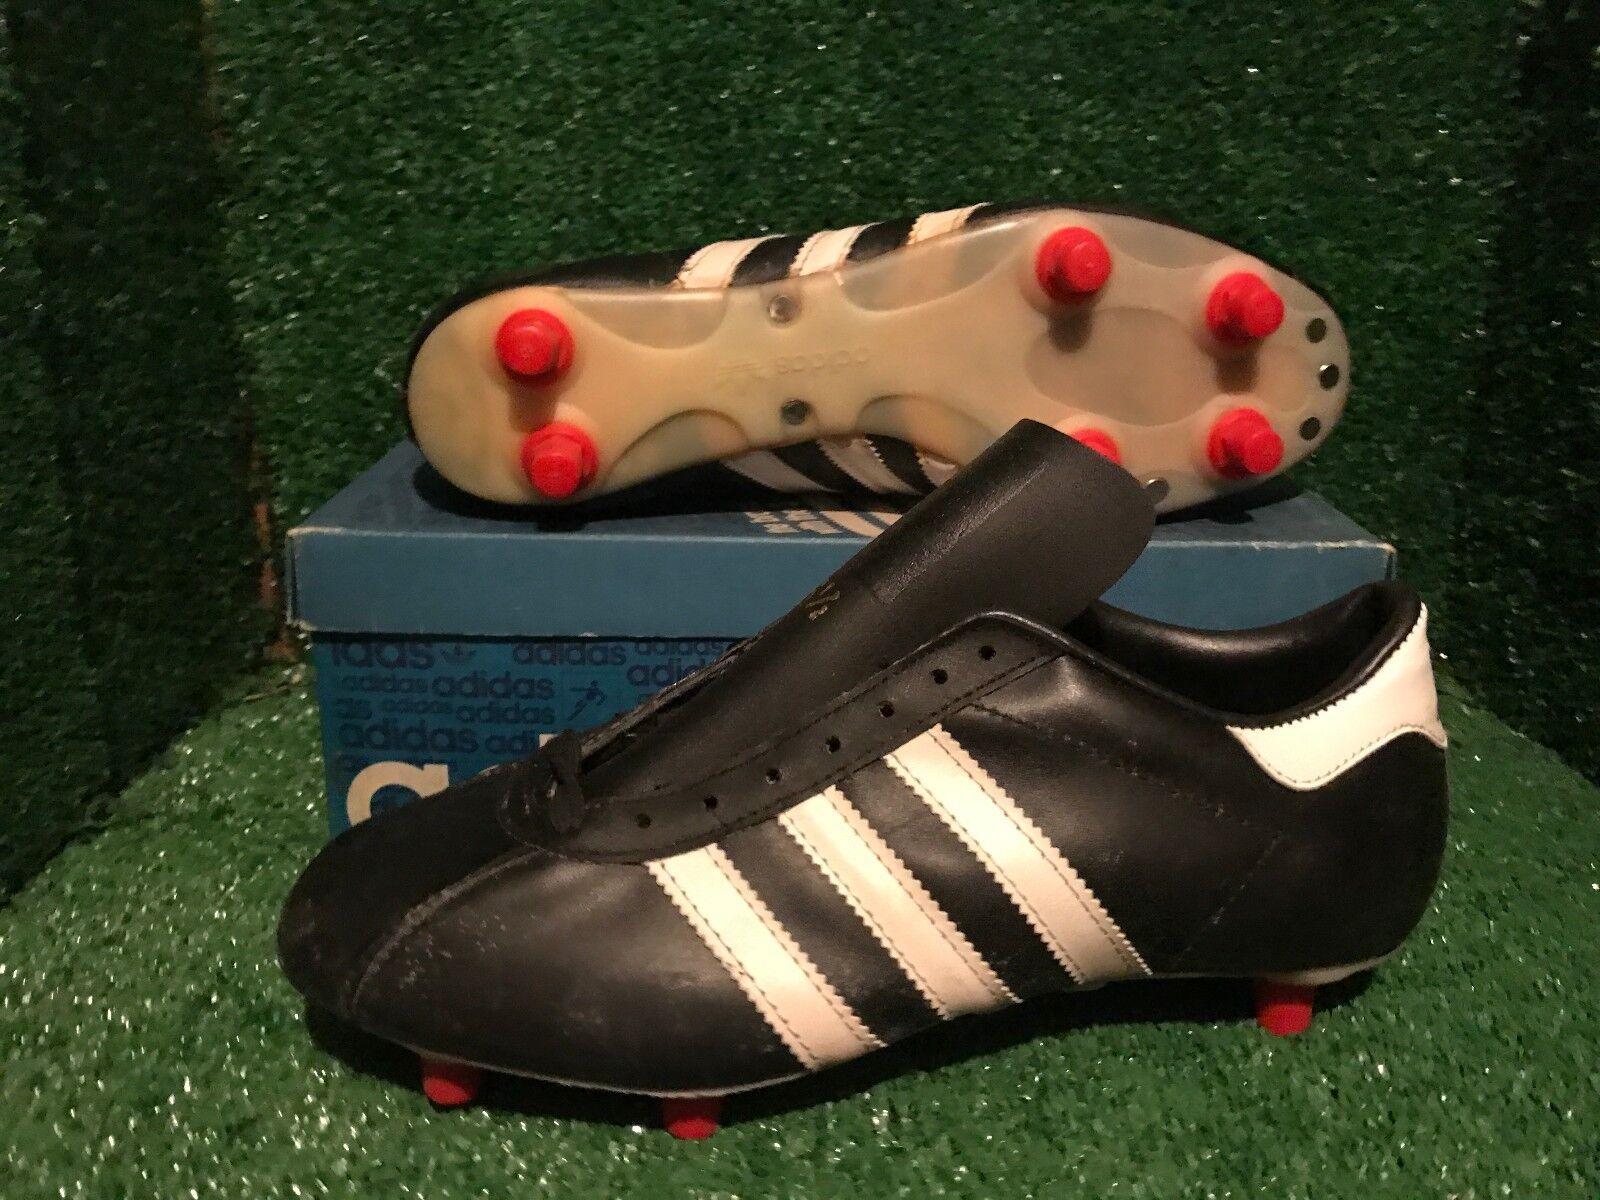 Nuevo Y En Caja Adidas botas Zapatos Botines de fútbol Valencia Vintage Varios Tamaños DEADSTOCK